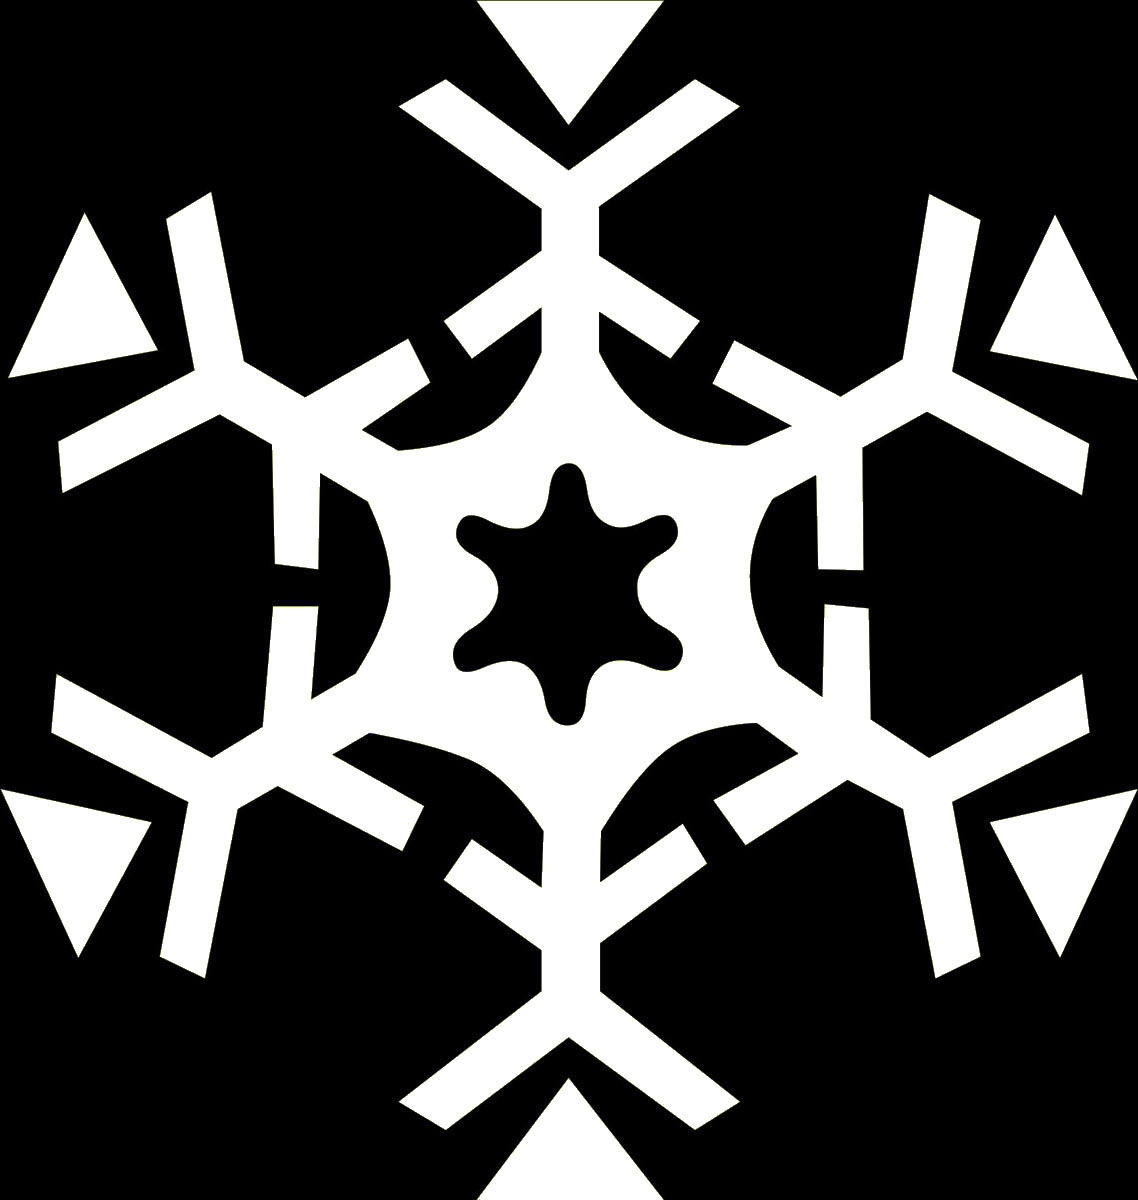 Наклейка автомобильная Оранжевый слоник Снежинка 1, виниловая, цвет: белый21395599Оригинальная наклейка Оранжевый слоник Снежинка 1 изготовлена из высококачественной виниловой пленки, которая выполняет не только декоративную функцию, но и защищает кузов автомобиля от небольших механических повреждений, либо скрывает уже существующие.Виниловые наклейки на автомобиль - это не только красиво, но еще и быстро! Всего за несколько минут вы можете полностью преобразить свой автомобиль, сделать его ярким, необычным, особенным и неповторимым!